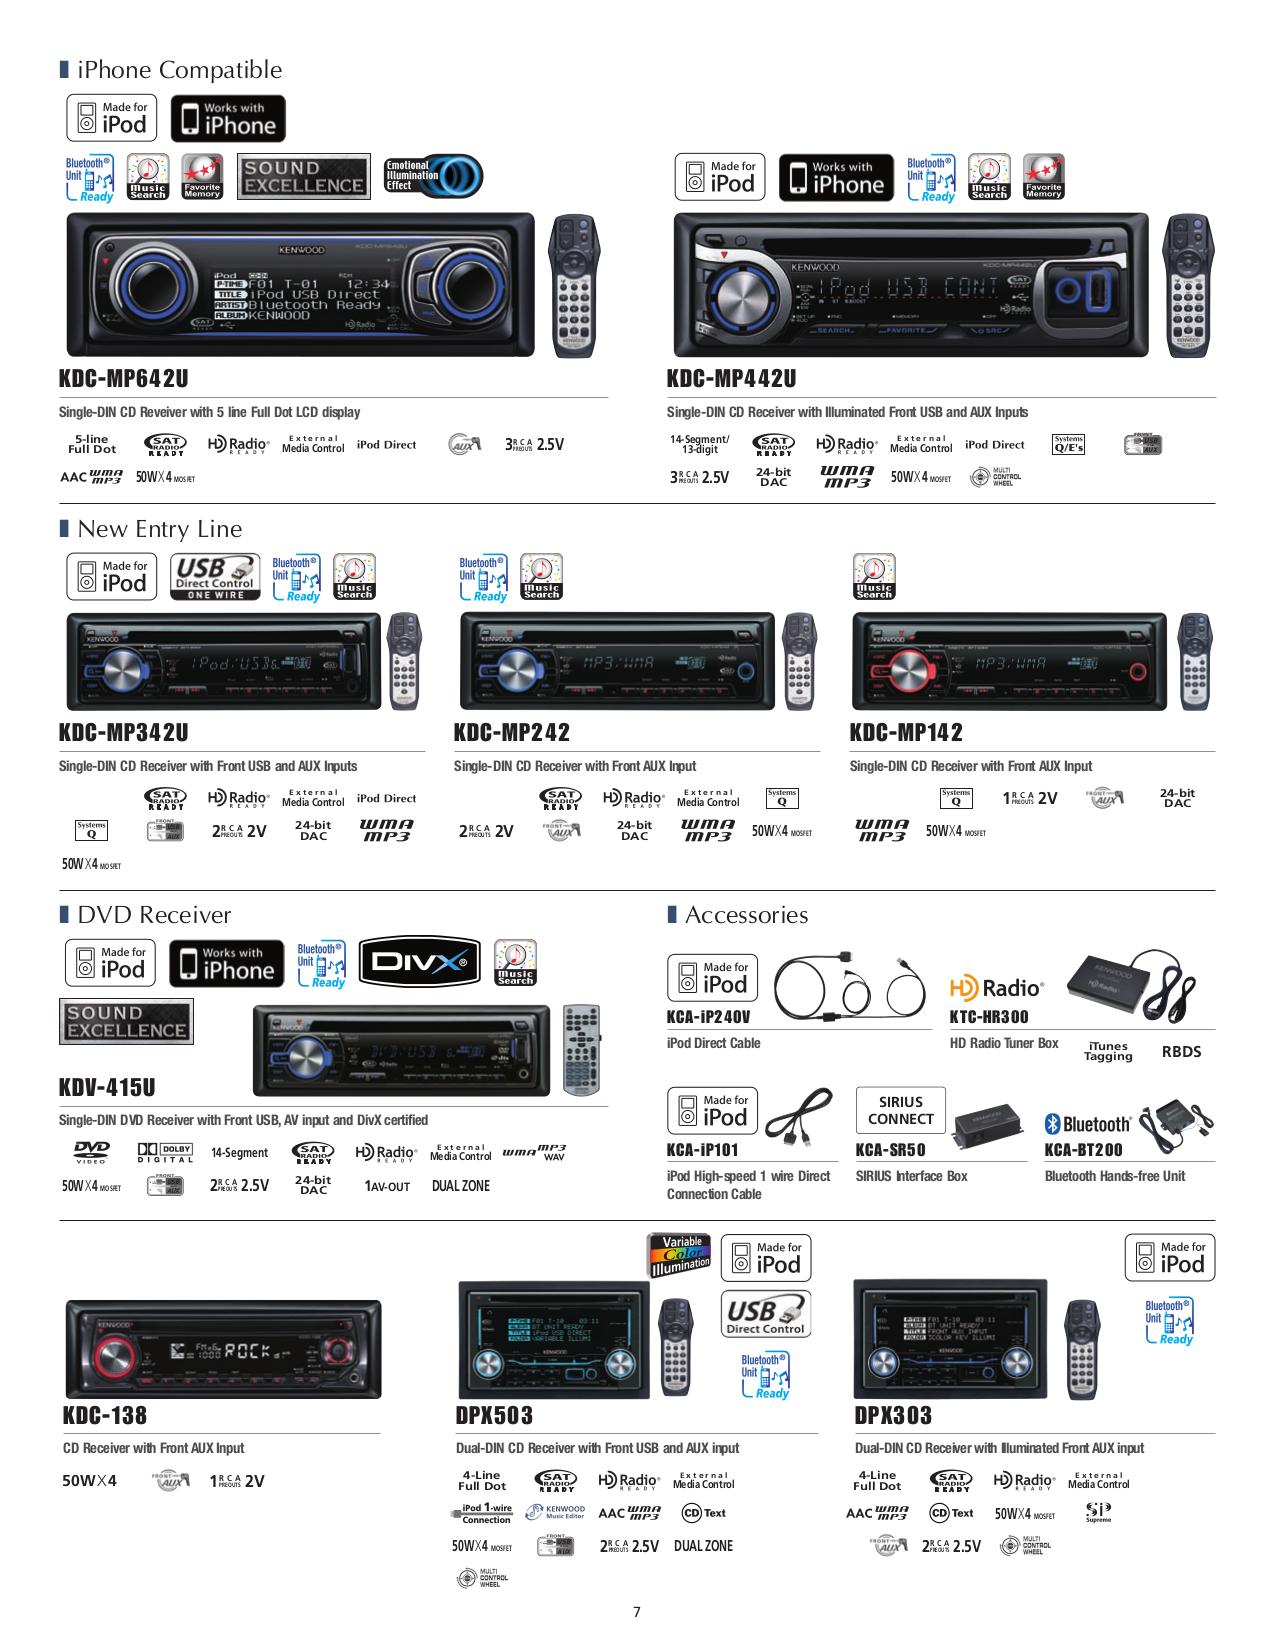 pdf manual for kenwood car amplifier kac 8404 rh umlib com Kenwood Amplifier 301T Kenwood KAC 9105D